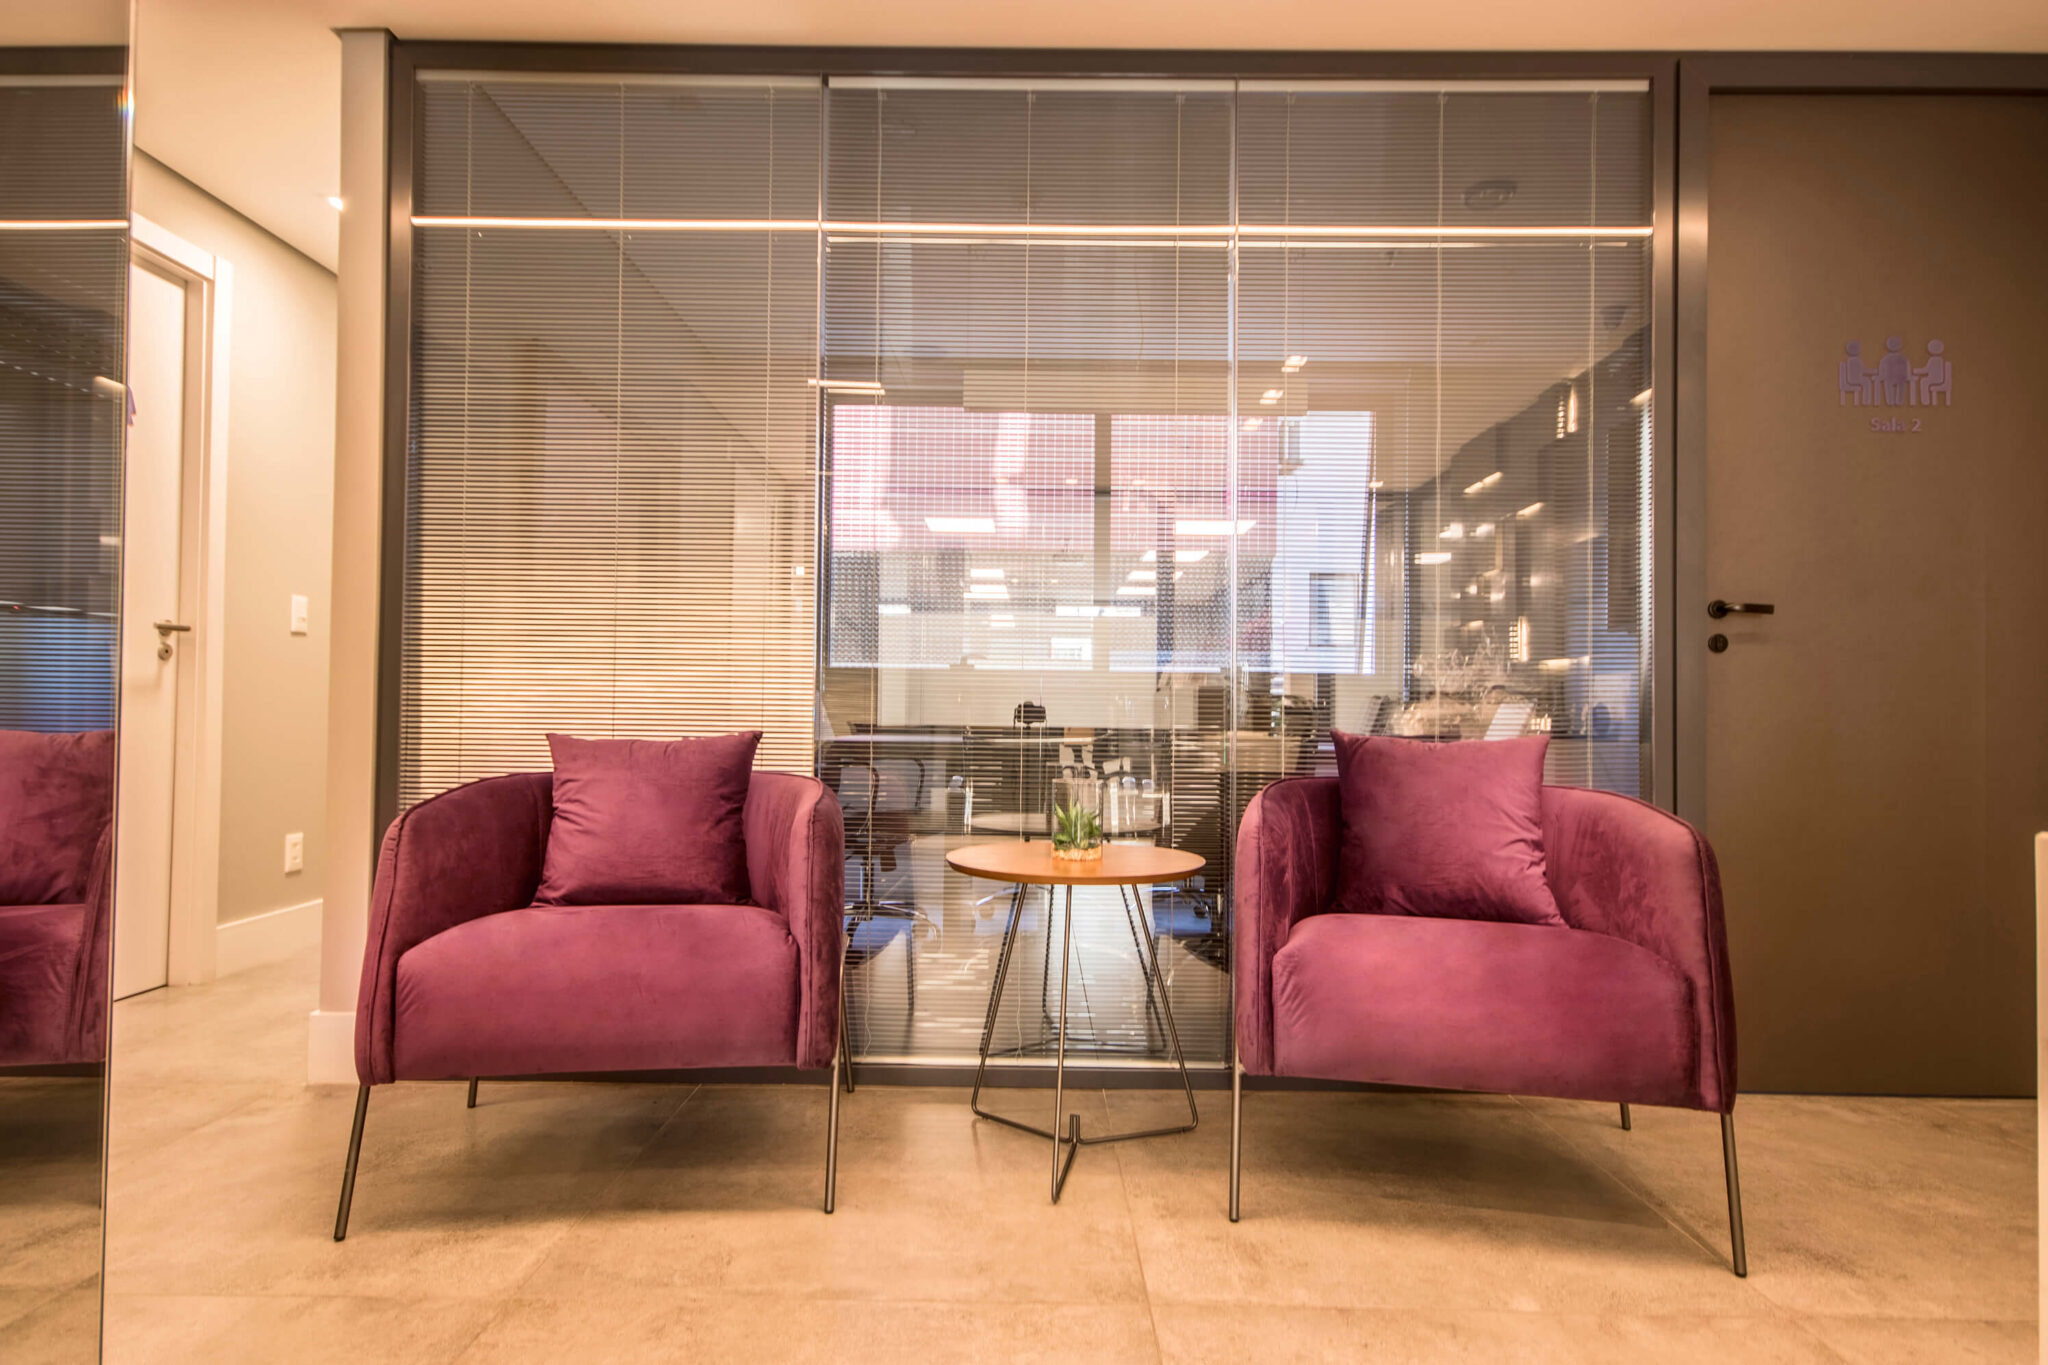 Empreendimento: IN 1183 Prime Offices - Móveis para as áreas comuns do condomínio e escritório da sede - Fotógrafo: Fábio Carvalho